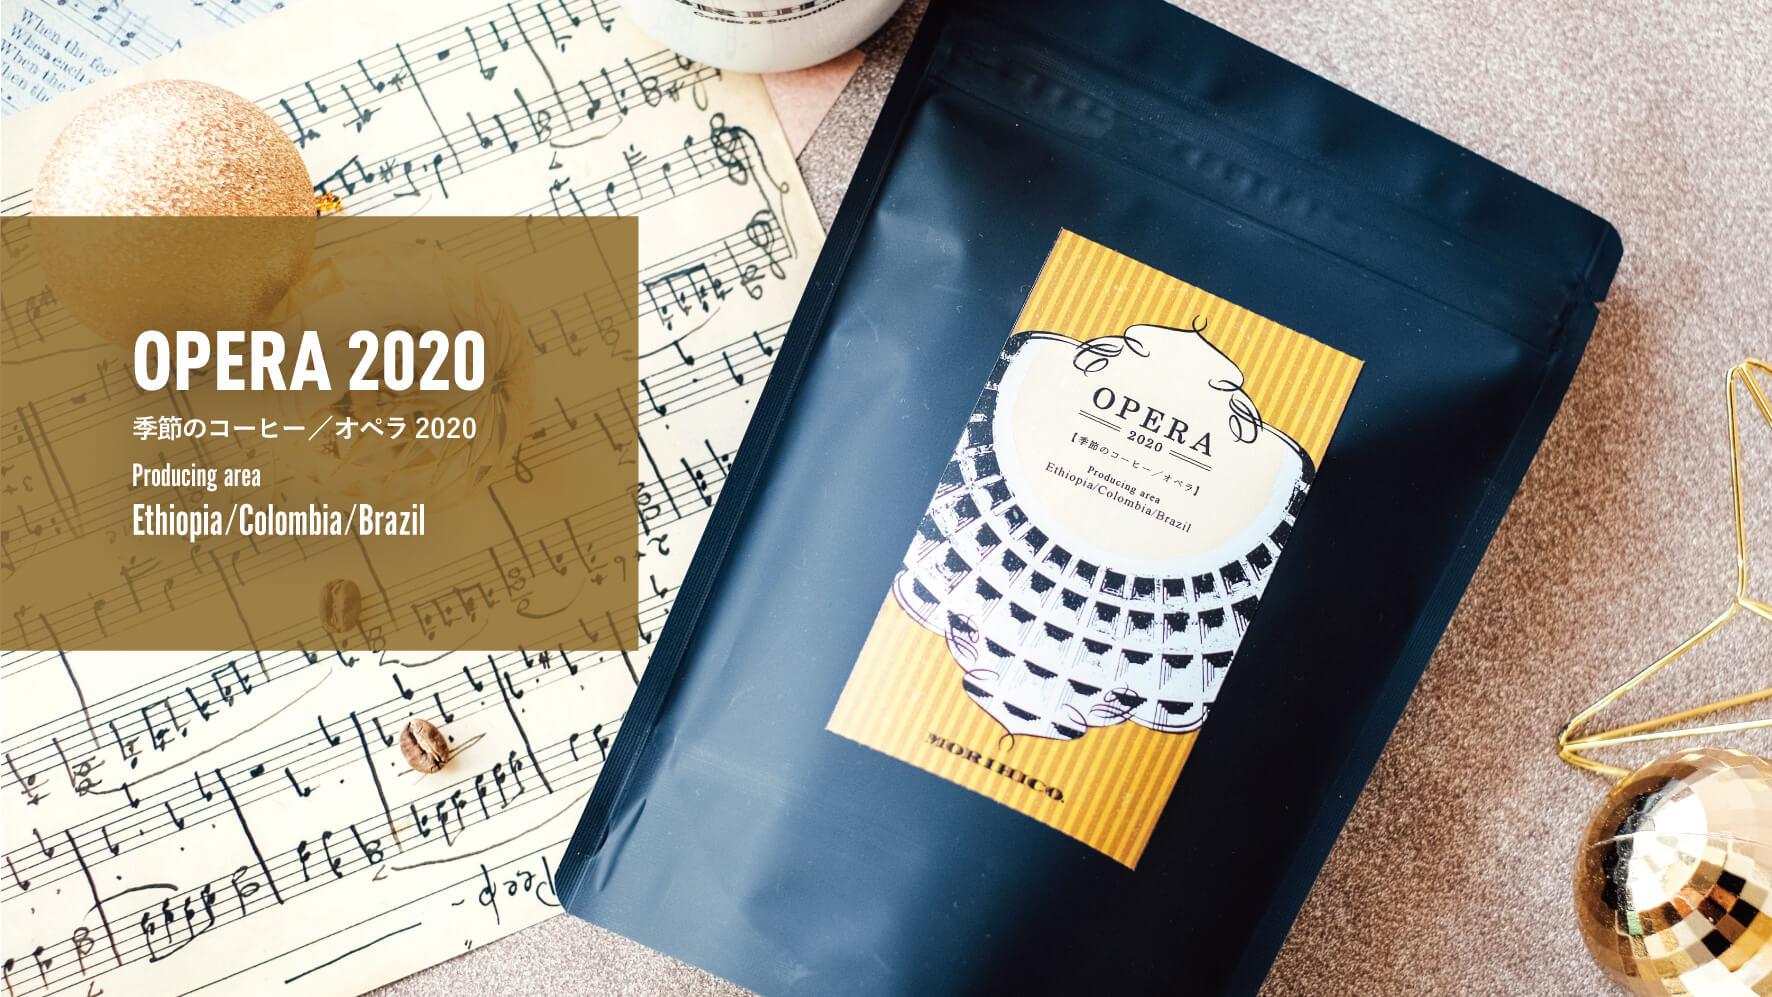 季節のコーヒーオペラ